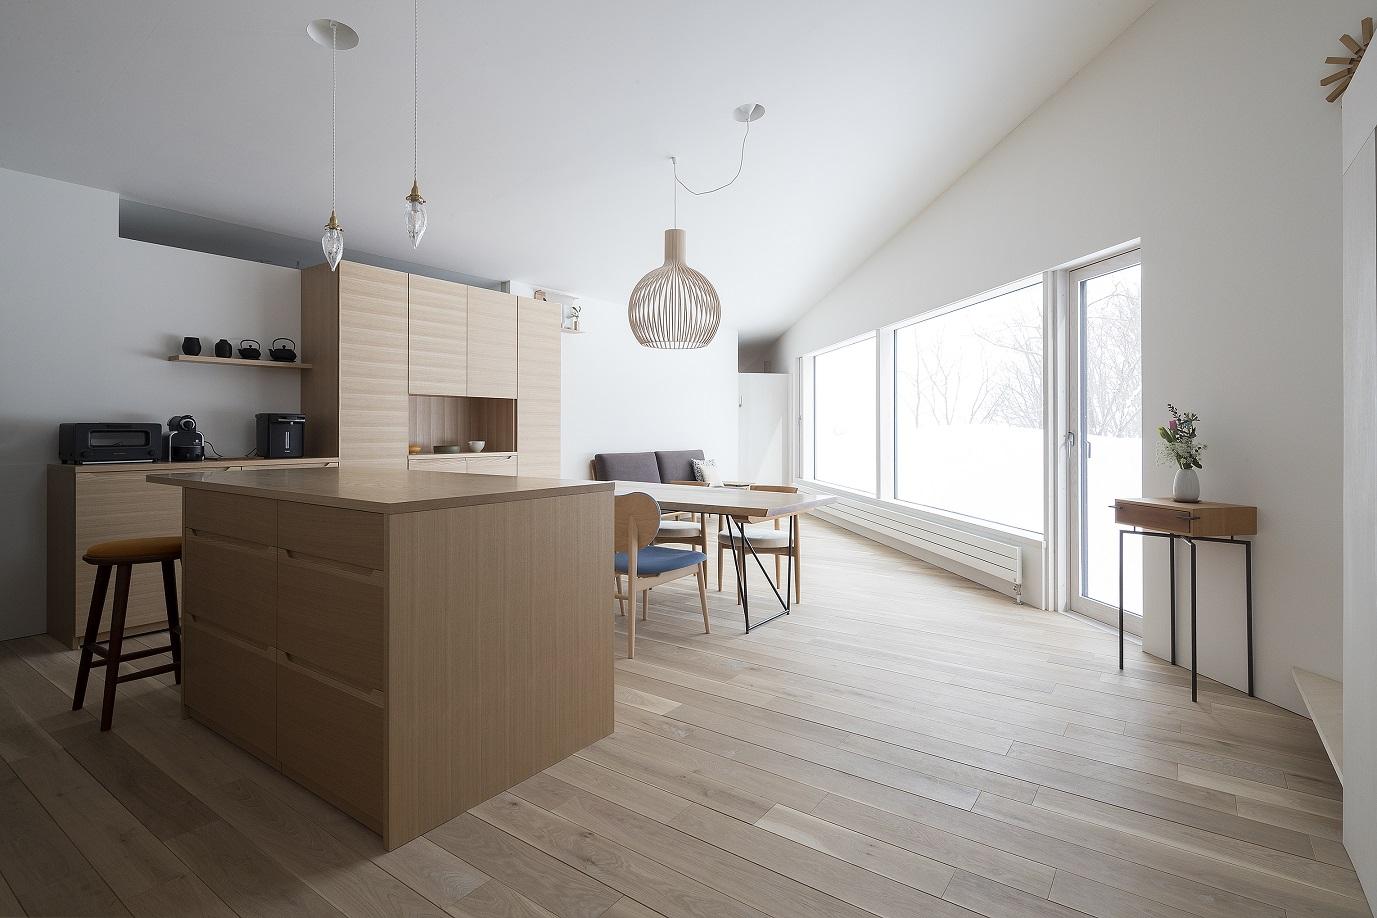 オーダーキッチンとセクトデザインの照明がおしゃれな新築:澪工房